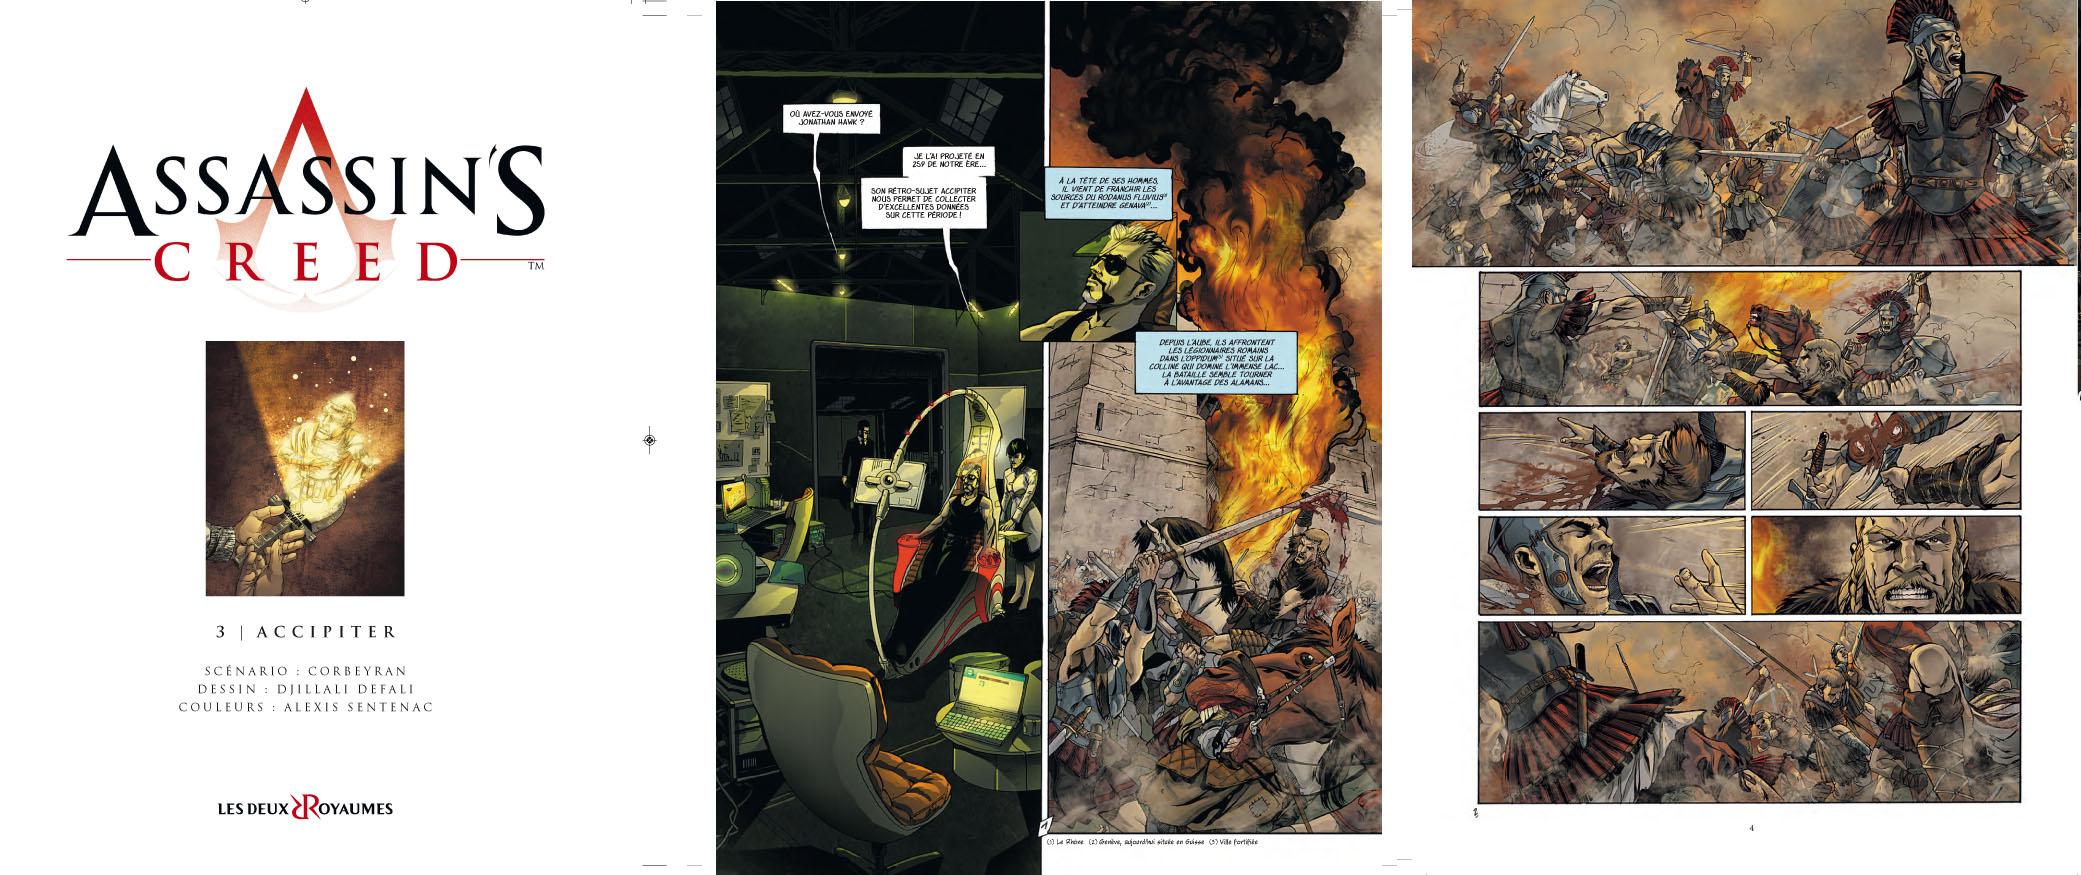 image bd 1to2 assassin 39 s creed wiki fandom. Black Bedroom Furniture Sets. Home Design Ideas